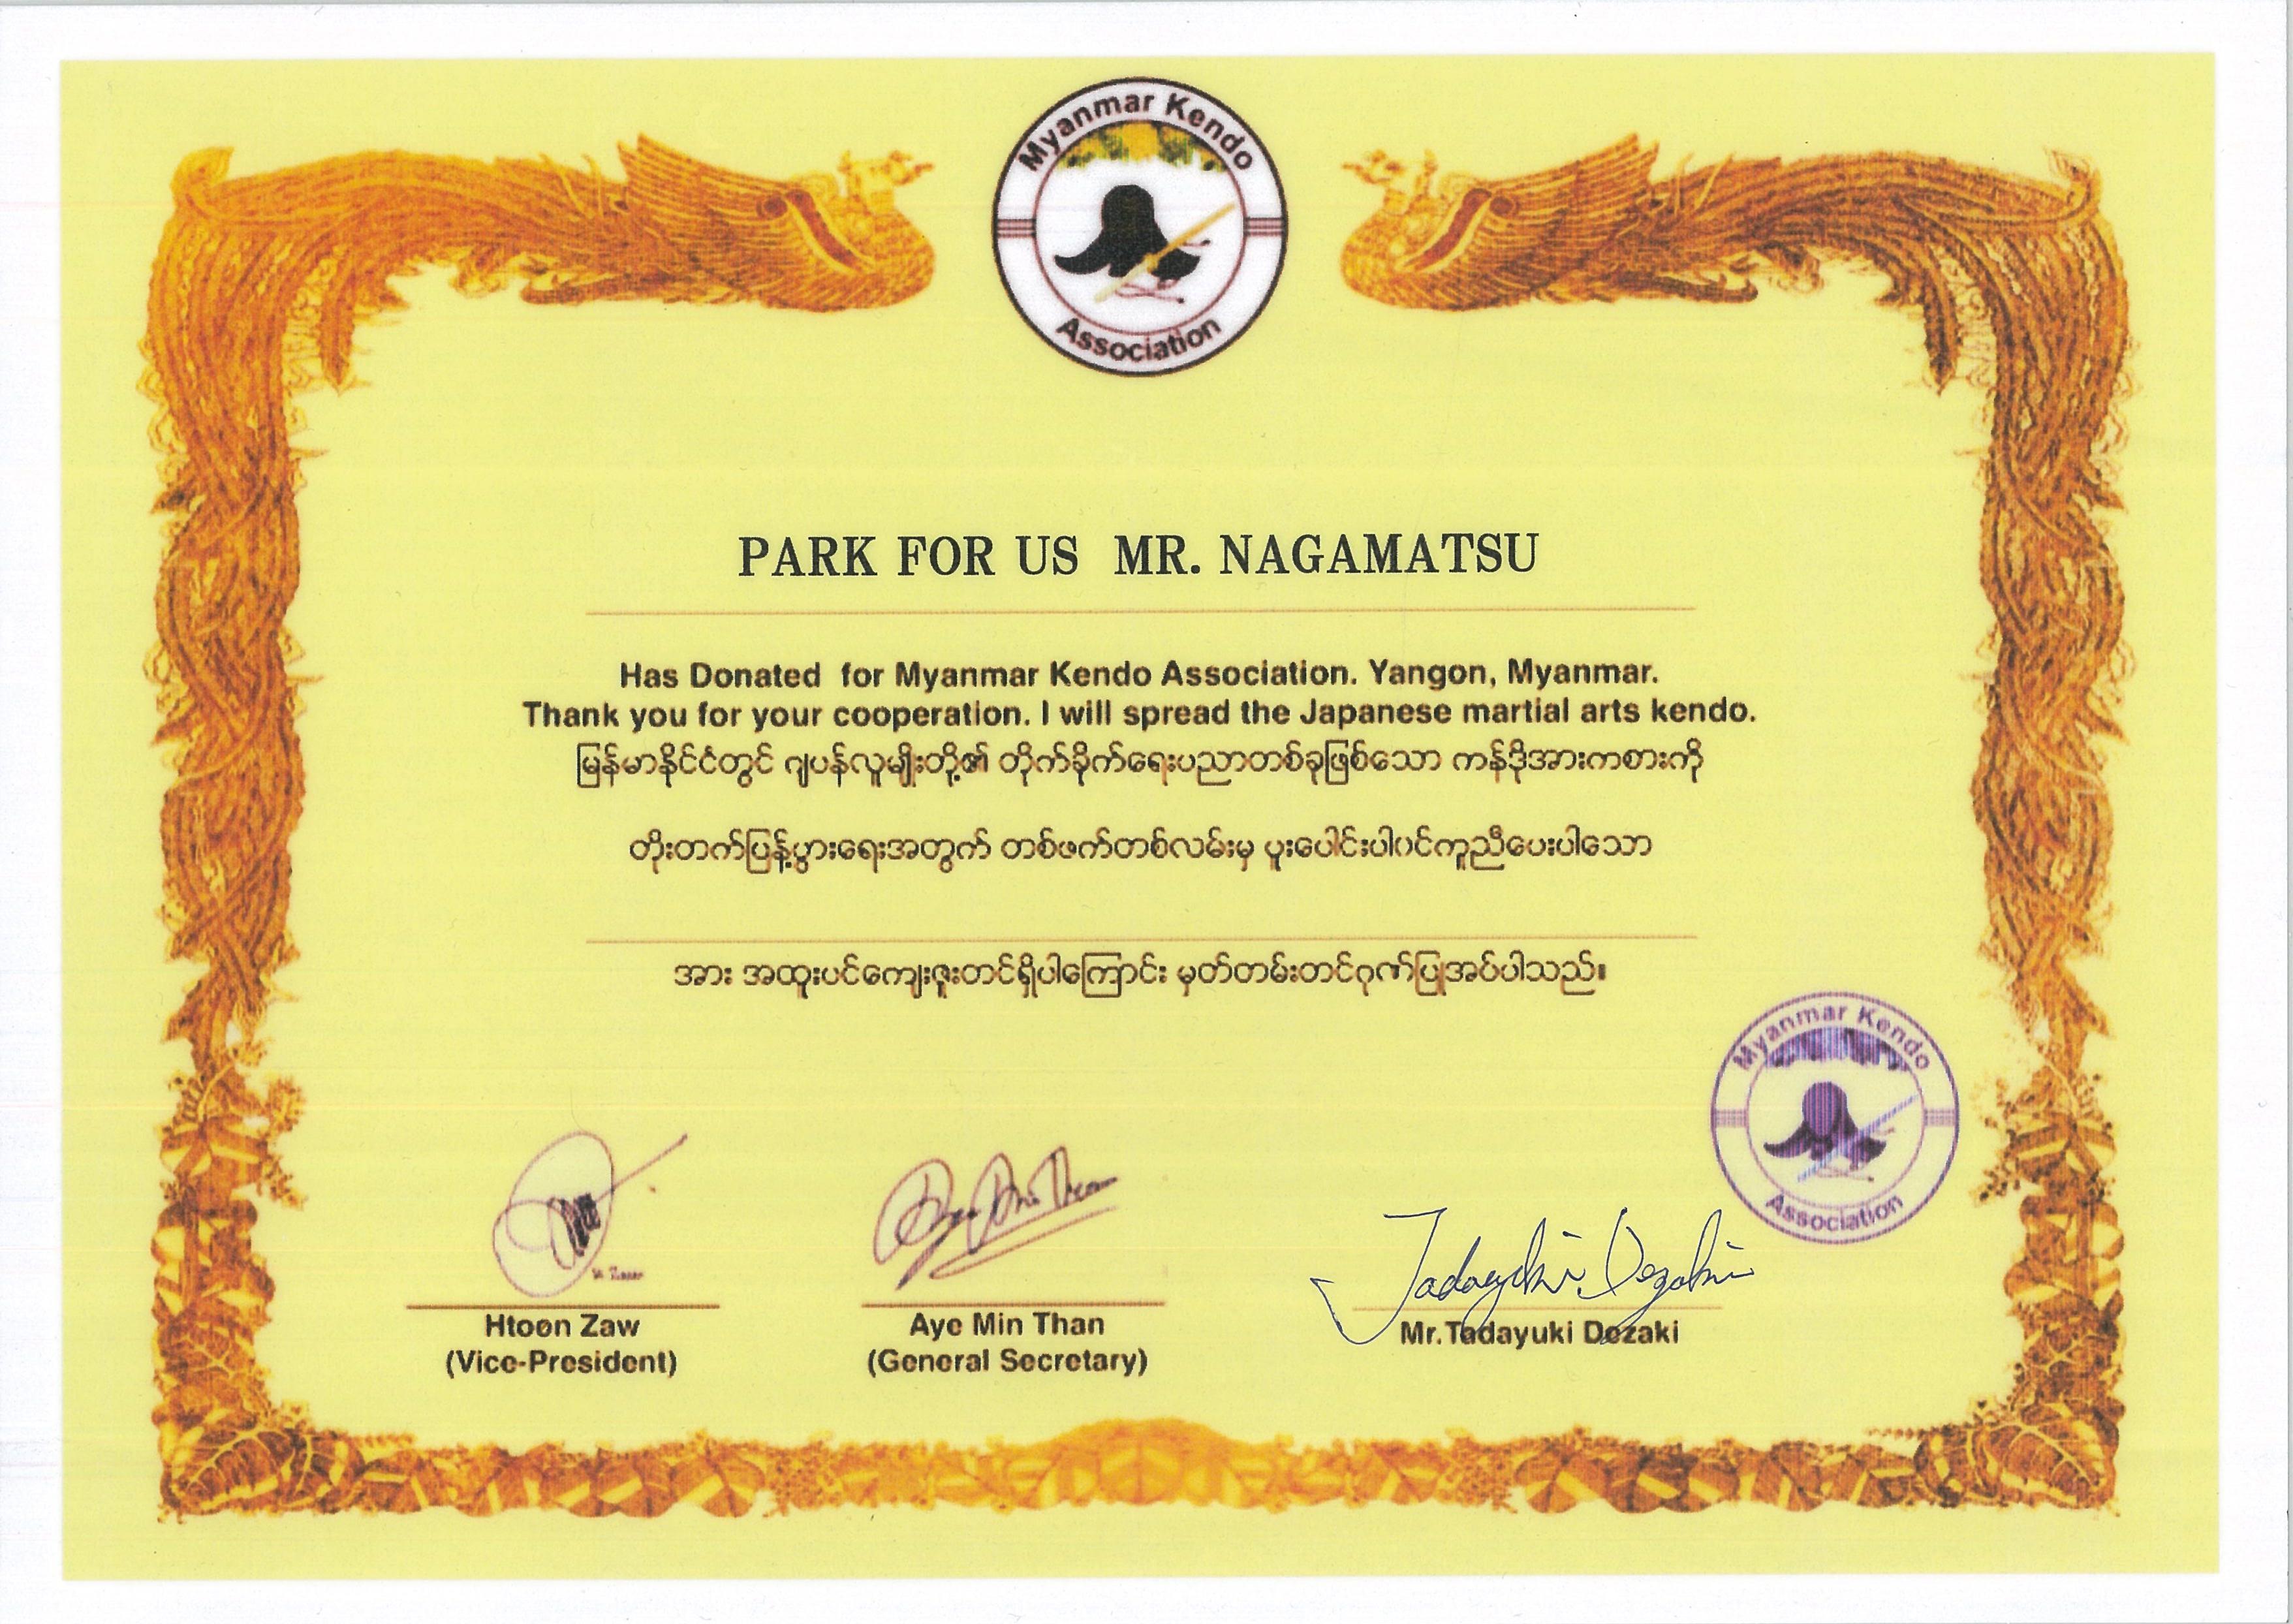 ミャンマー剣道連盟